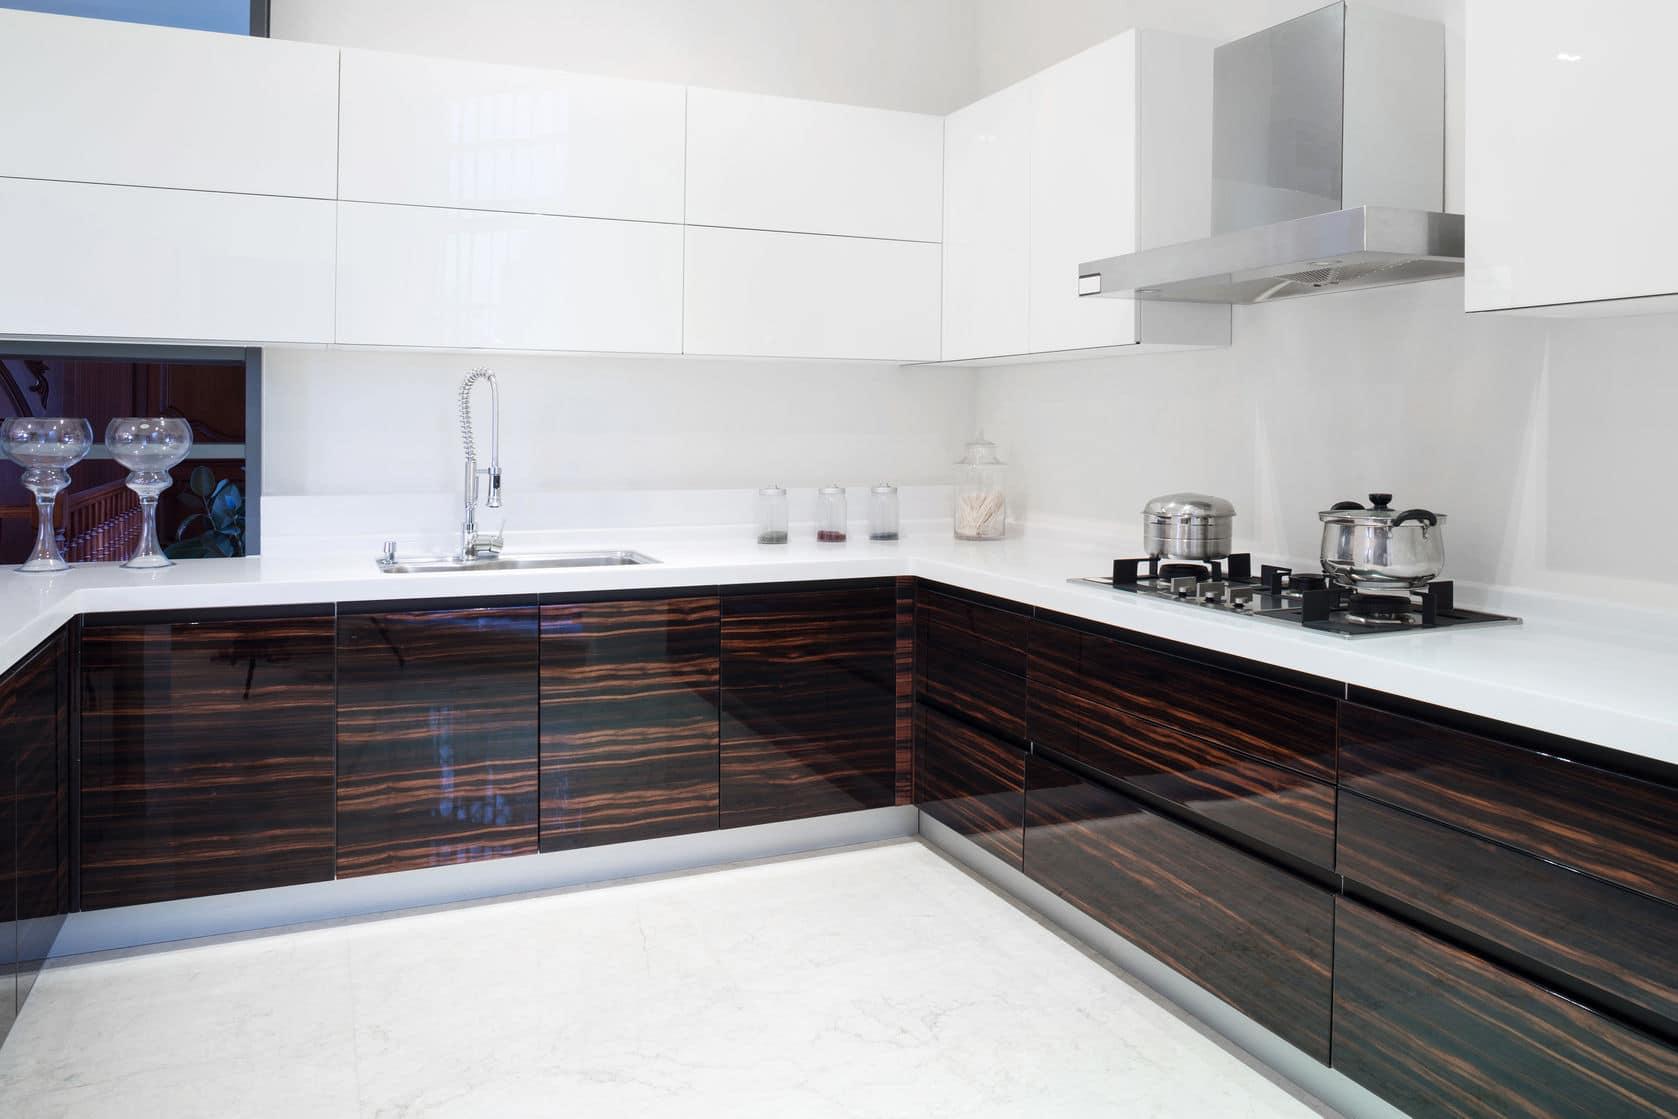 מטבח מודרני דגם יהלום ברמה גבוהה